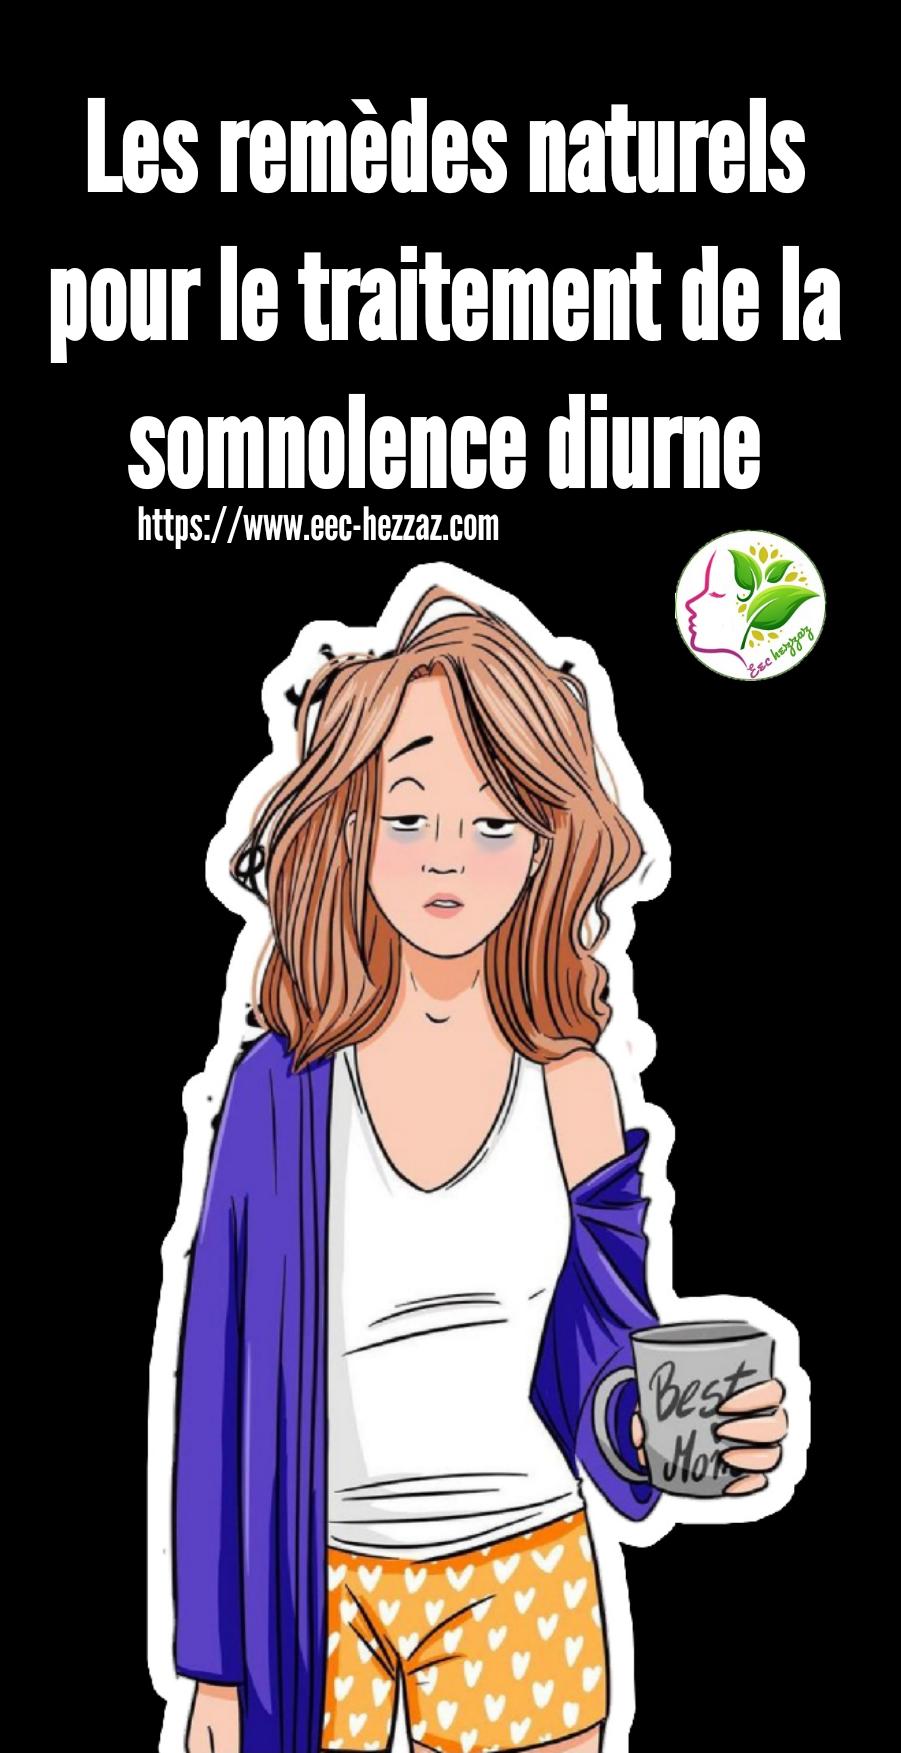 Les remèdes naturels pour le traitement de la somnolence diurneLes remèdes naturels pour le traitement de la somnolence diurne